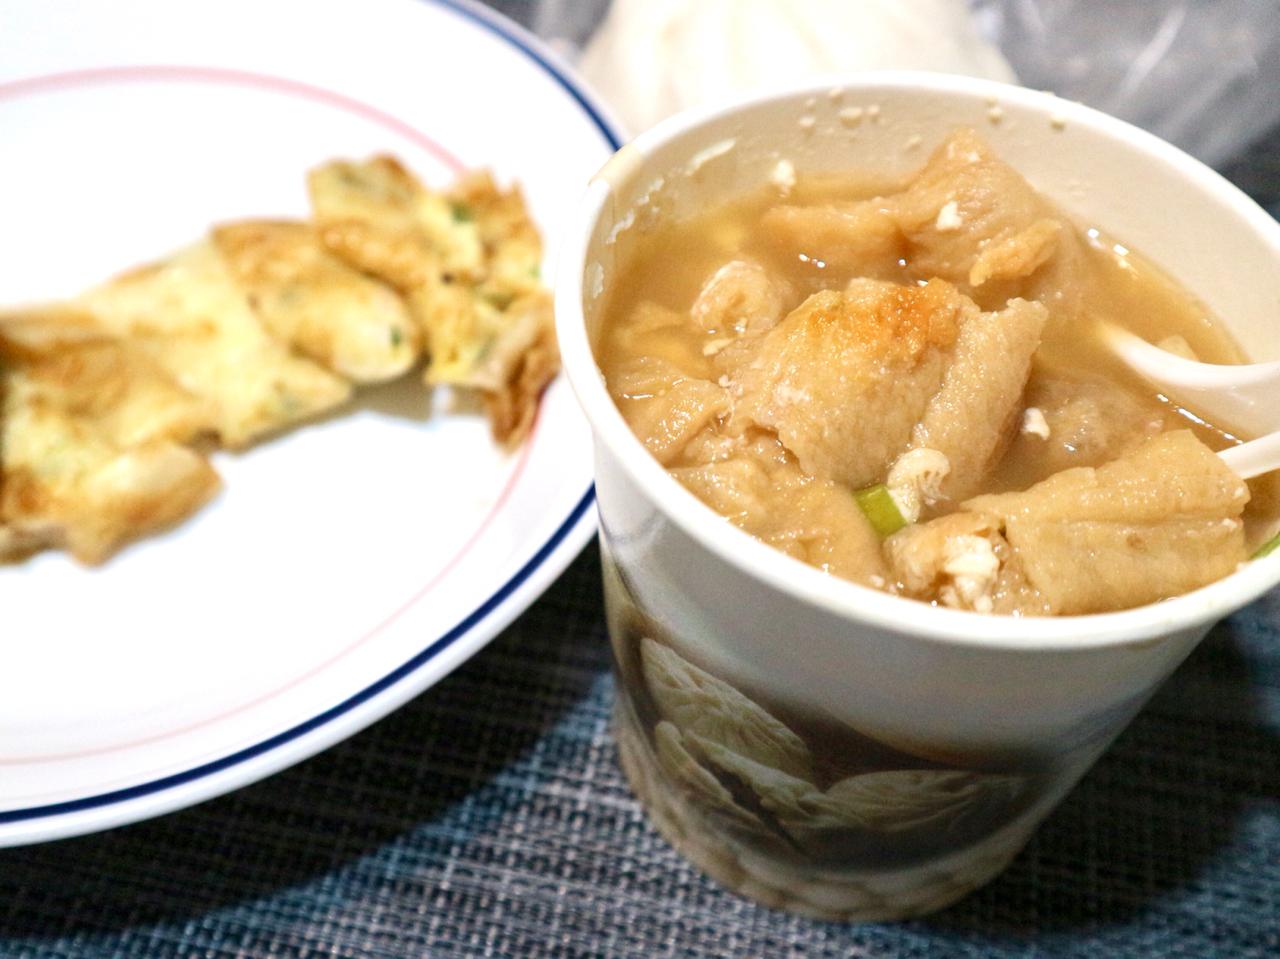 【台湾】鹹豆漿は夜ご飯にもおすすめ!朝6時から夜22時まで営業している豆乳店「四海豆漿大王」 画像8